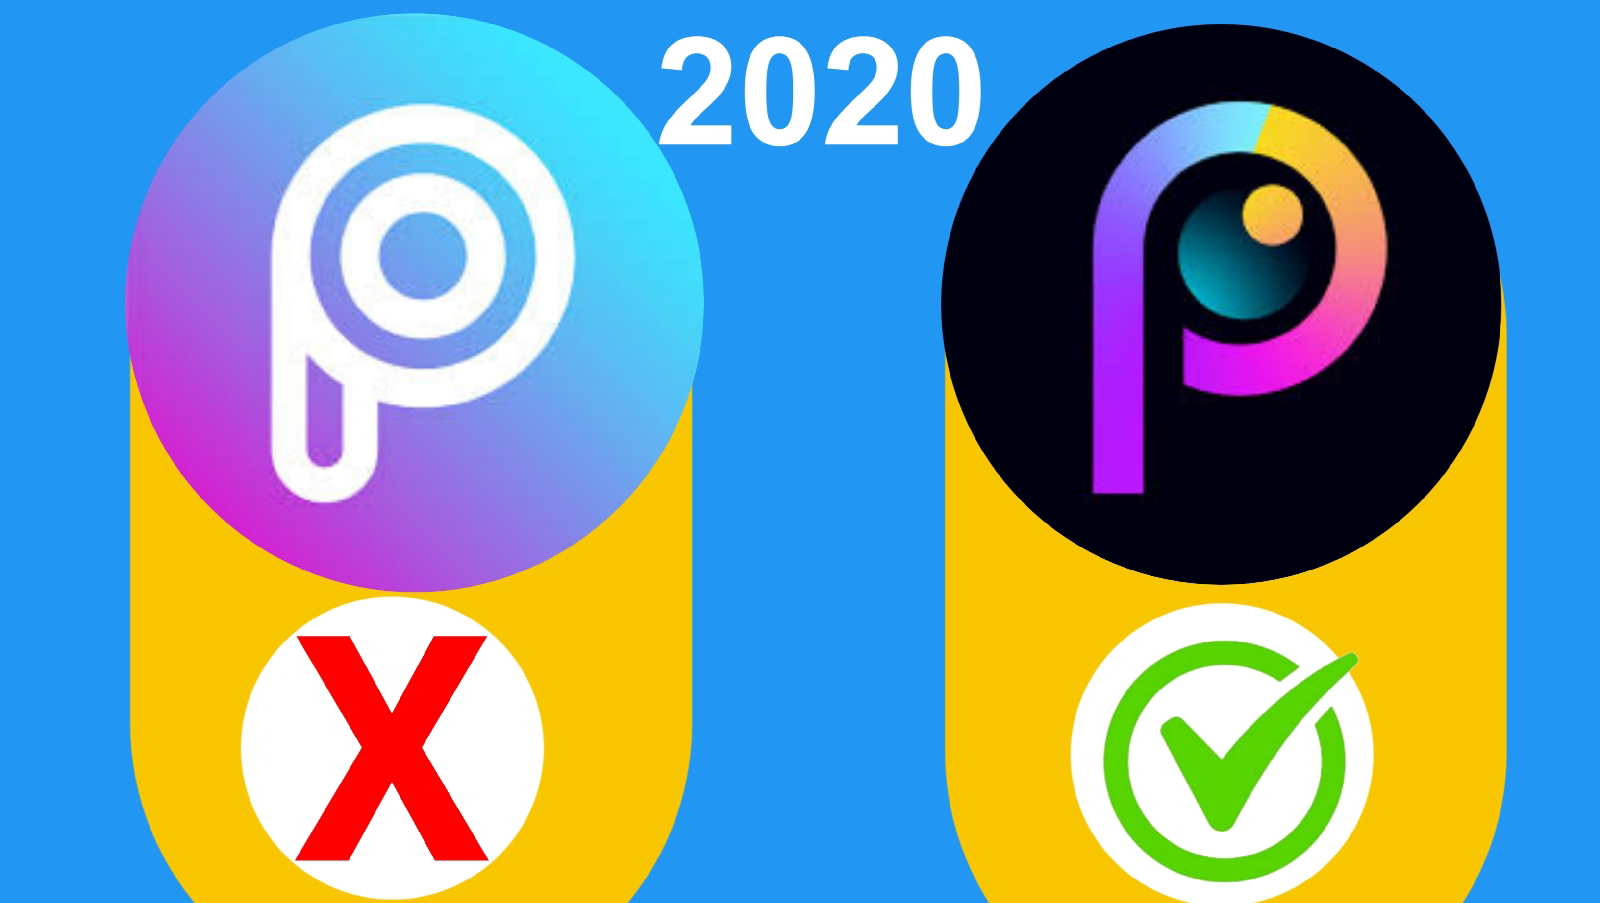 تطبيق تعديل الصور الجديد  أقوى من تطبيق picsart لسنة 2020